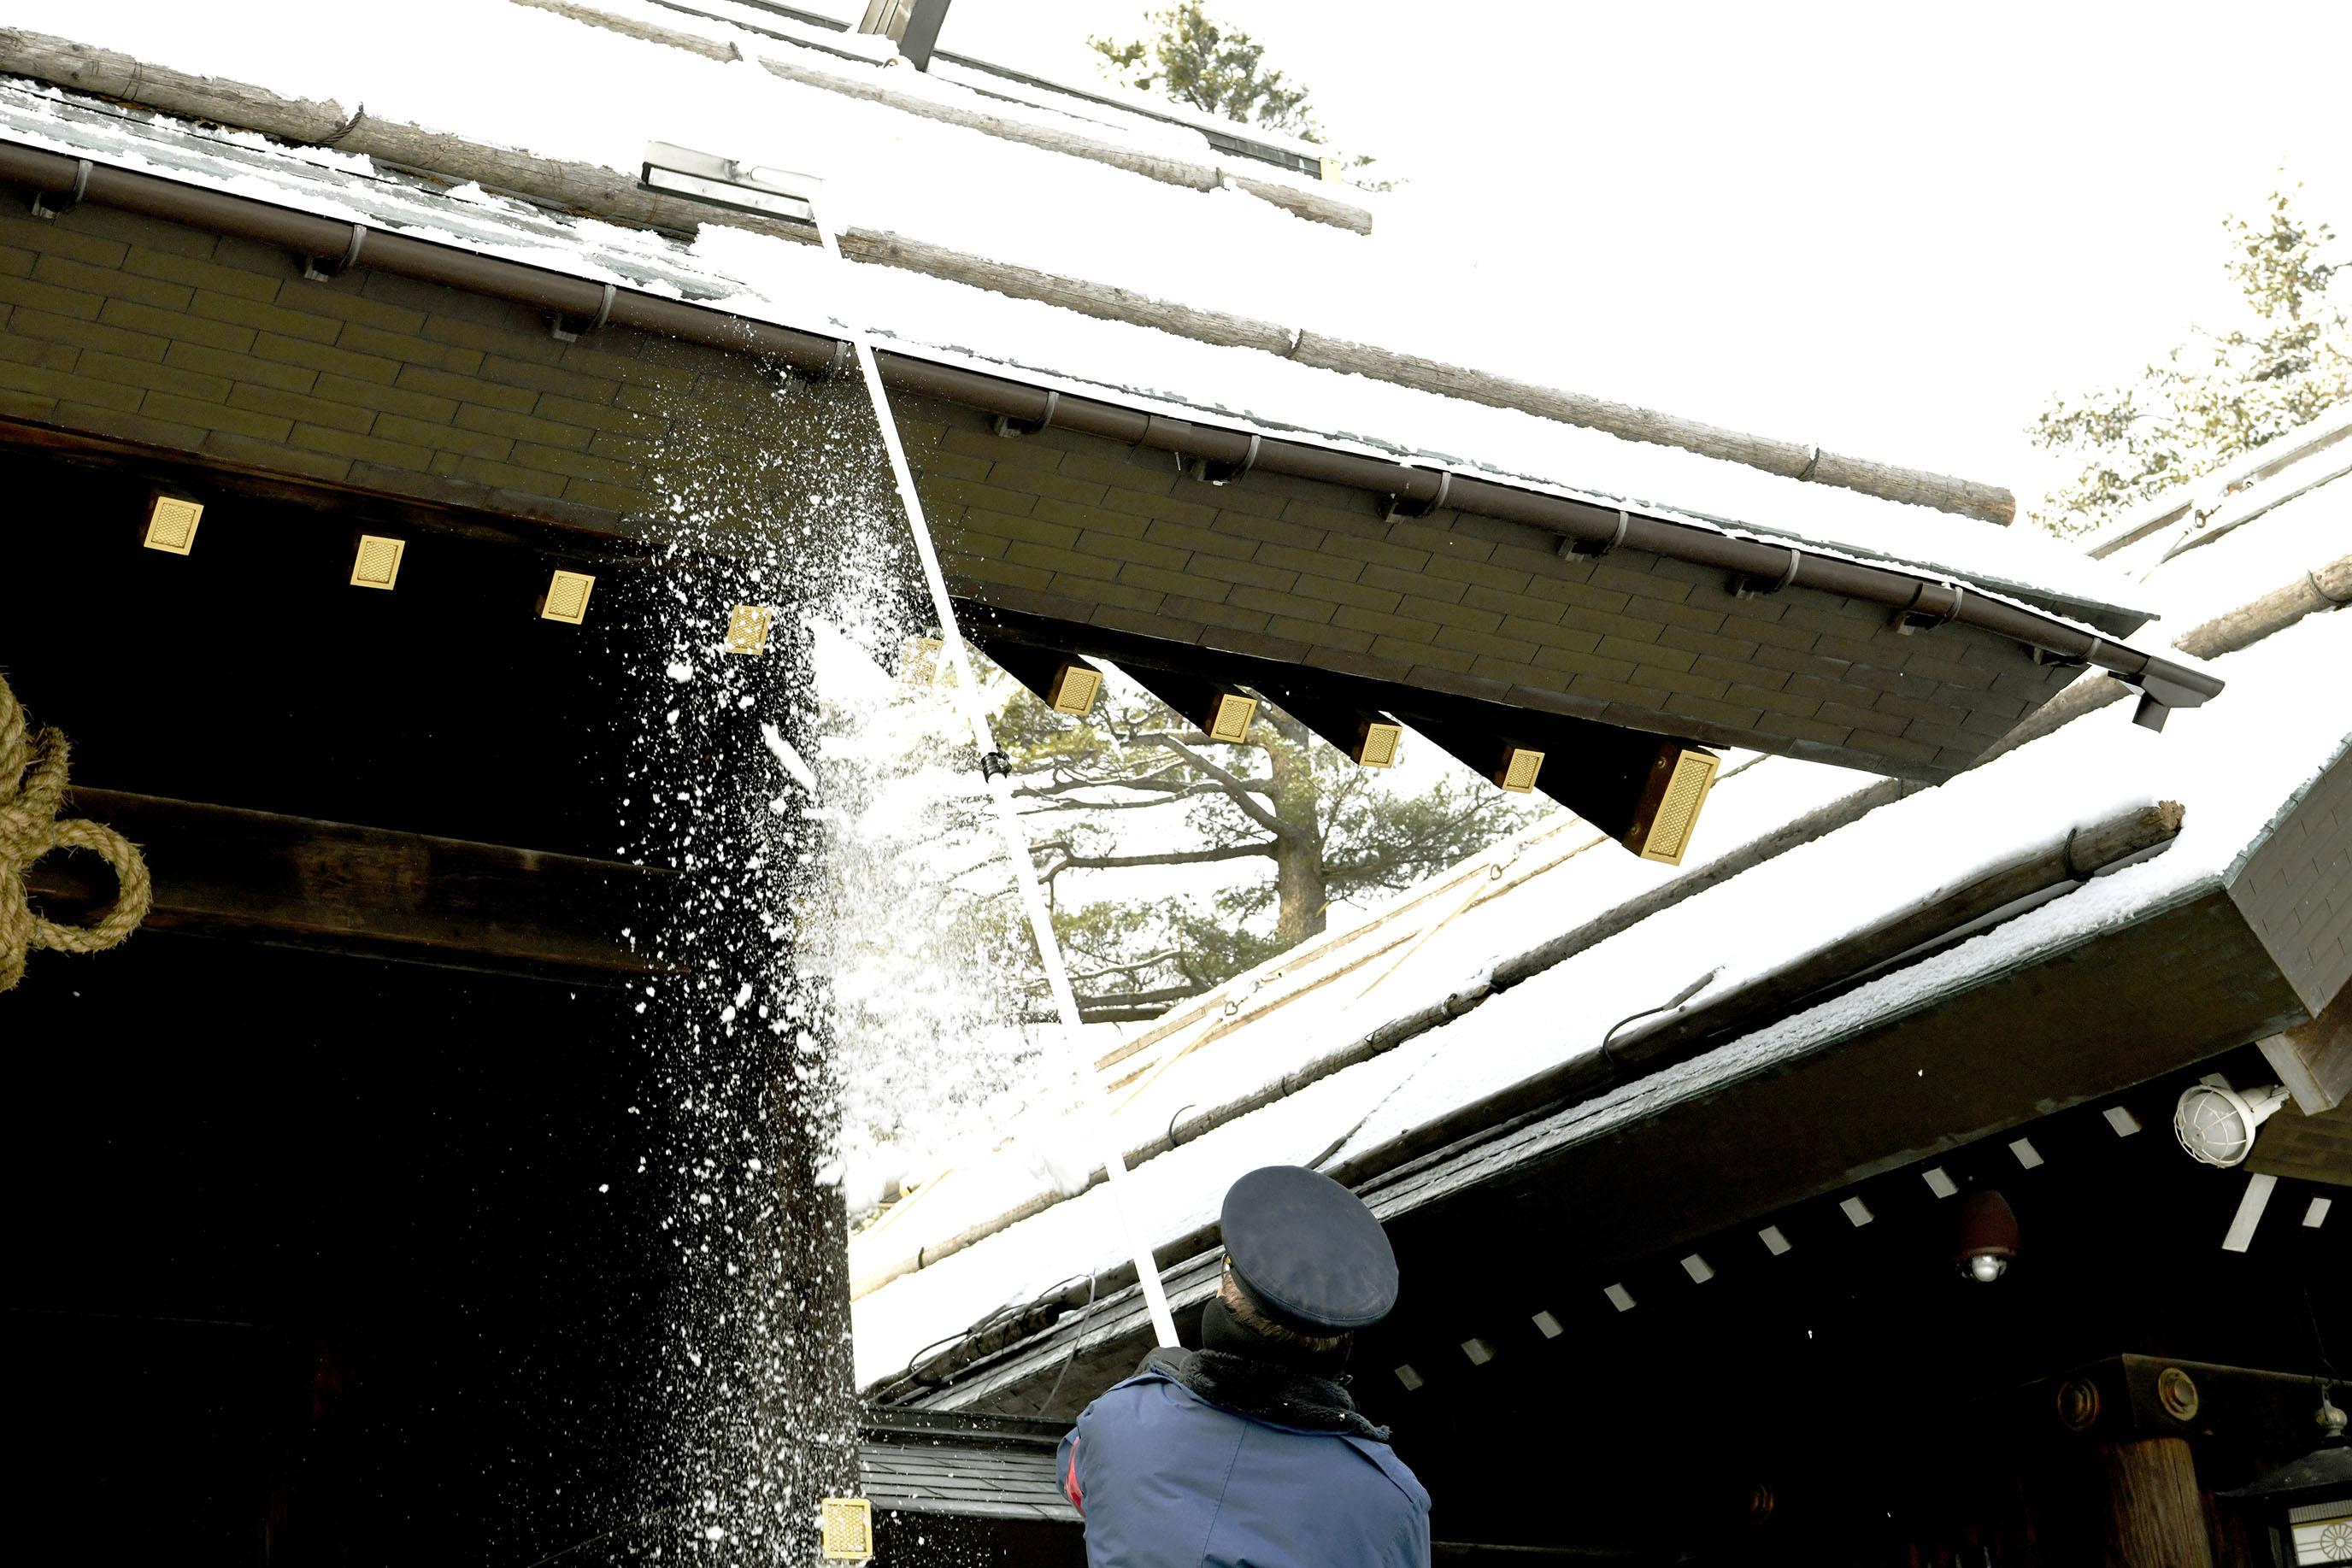 覺得浮燥時,就回憶曾到過的平靜|北海道神宮